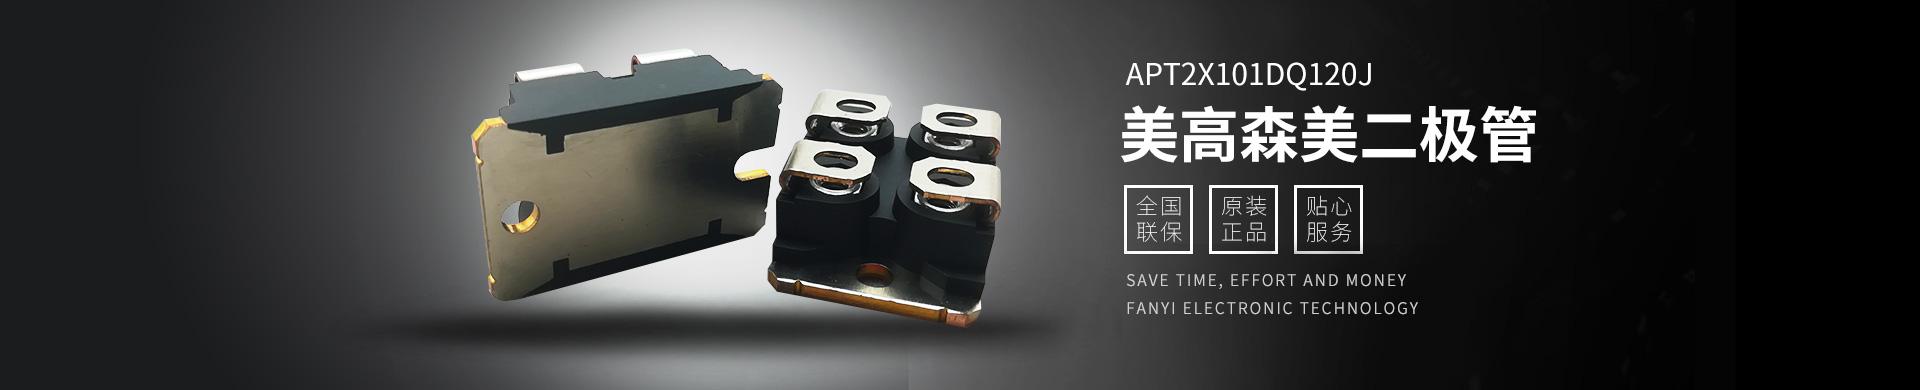 上海樊伊电子科技